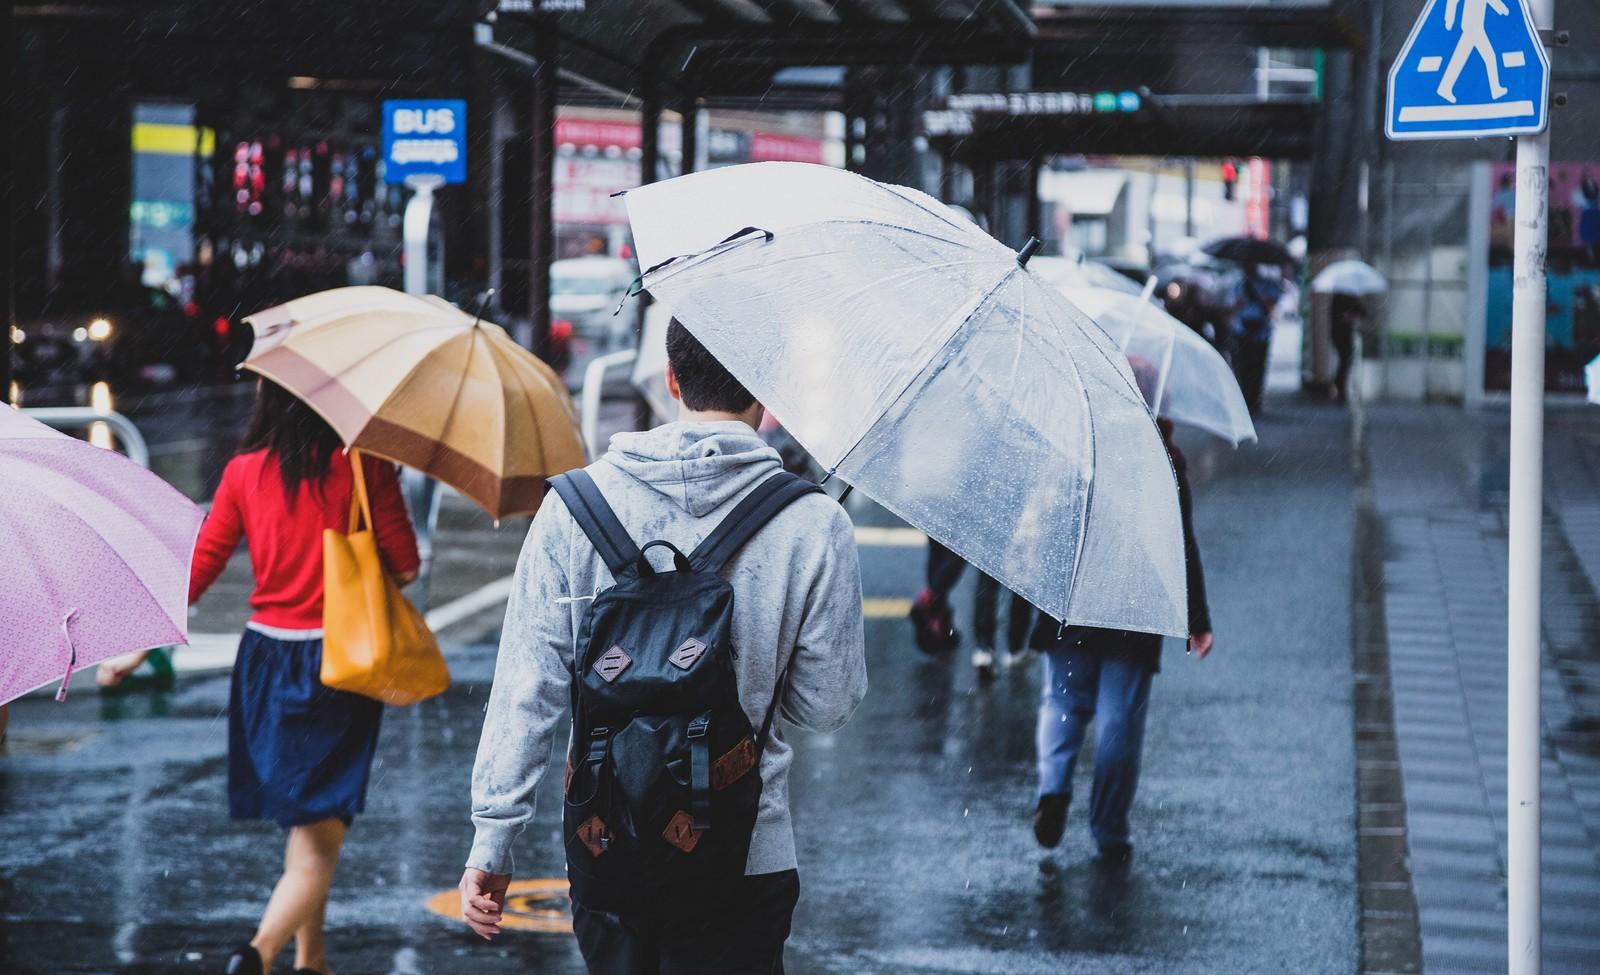 セブンイレブンの折りたたみ傘の品質・機能性は?デザインやカラーもご紹介!